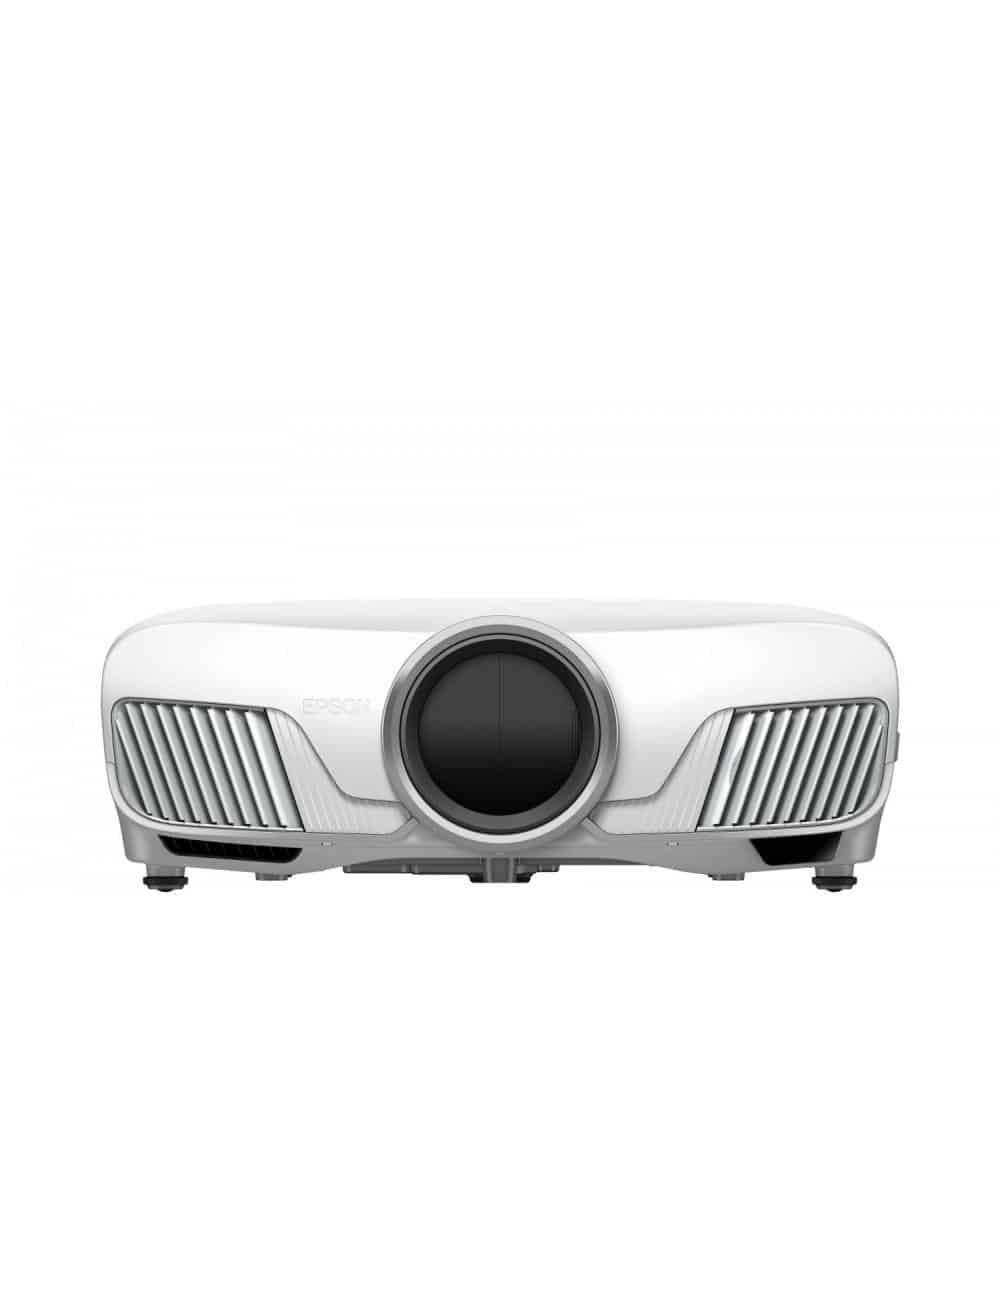 Proiettore UHD HDR wireless per Home Cinema, Epson EH-TW9400W, finitura white, obbiettivo chiuso